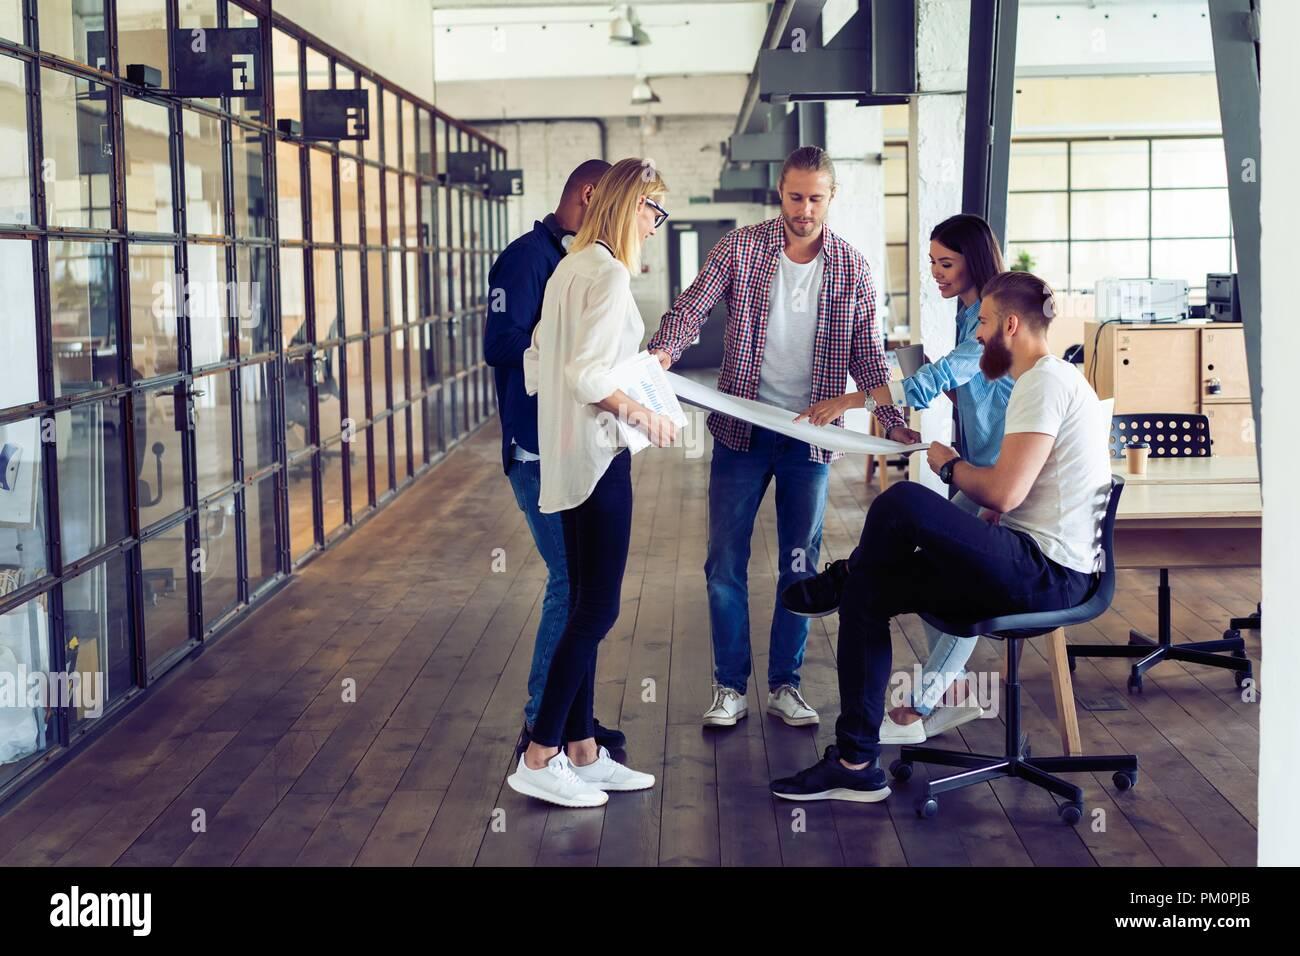 Als Team arbeiten. Volle Länge des jungen modernen Menschen in Smart Casual Wear planning Business Strategie, während junge Frau zeigt auf großem Papier im Büro Flur. Stockbild